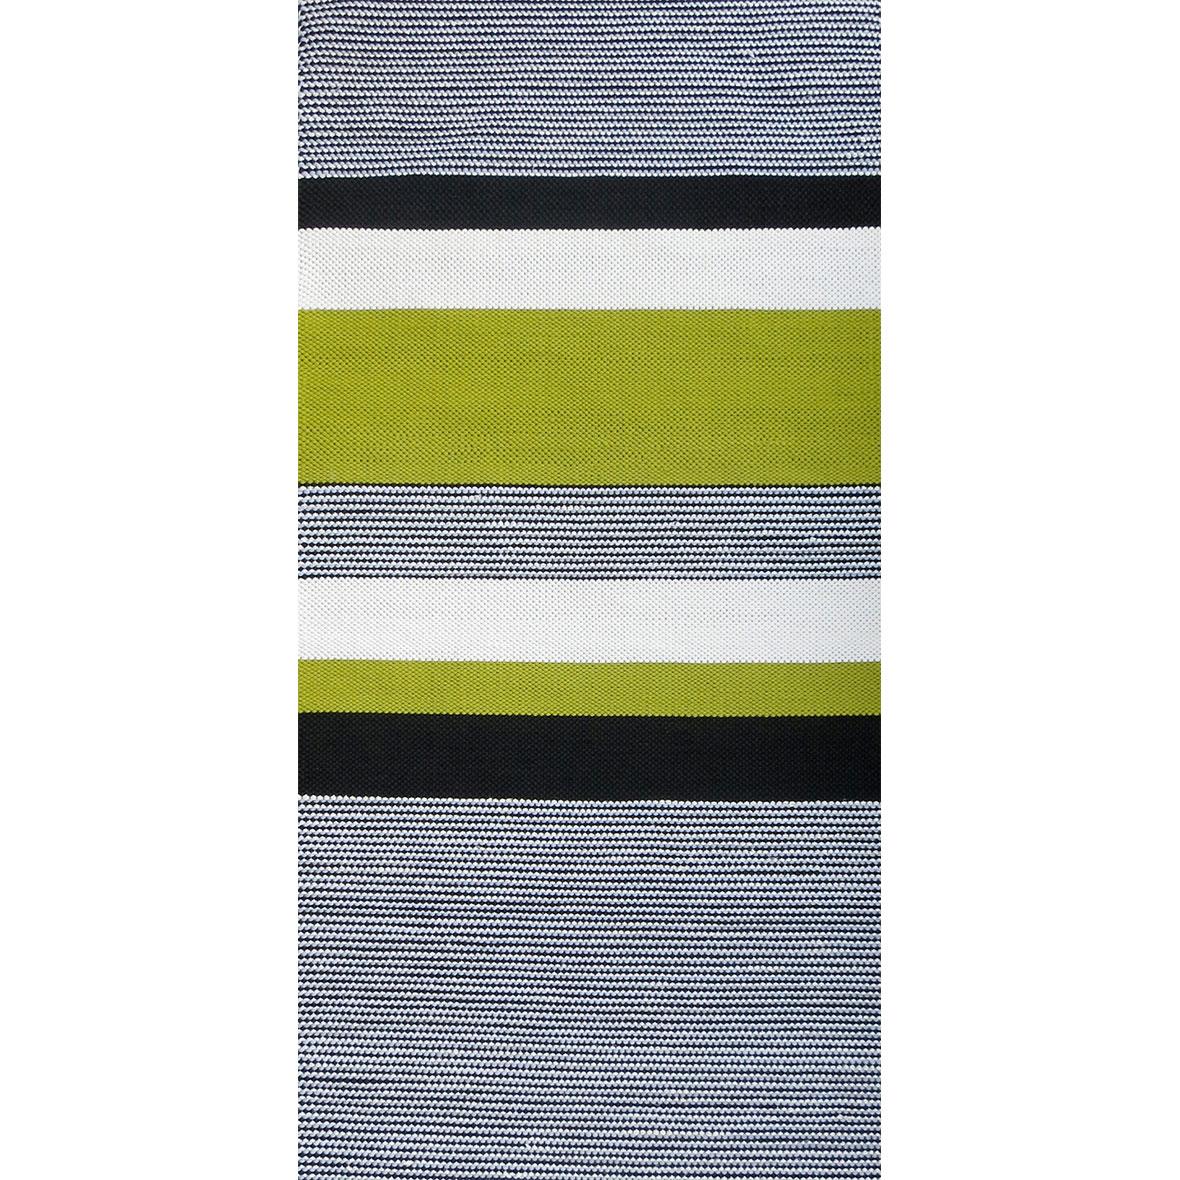 Teppich, handgeknüpft, Anna Saarinen, Mona, schwarz weiss grün